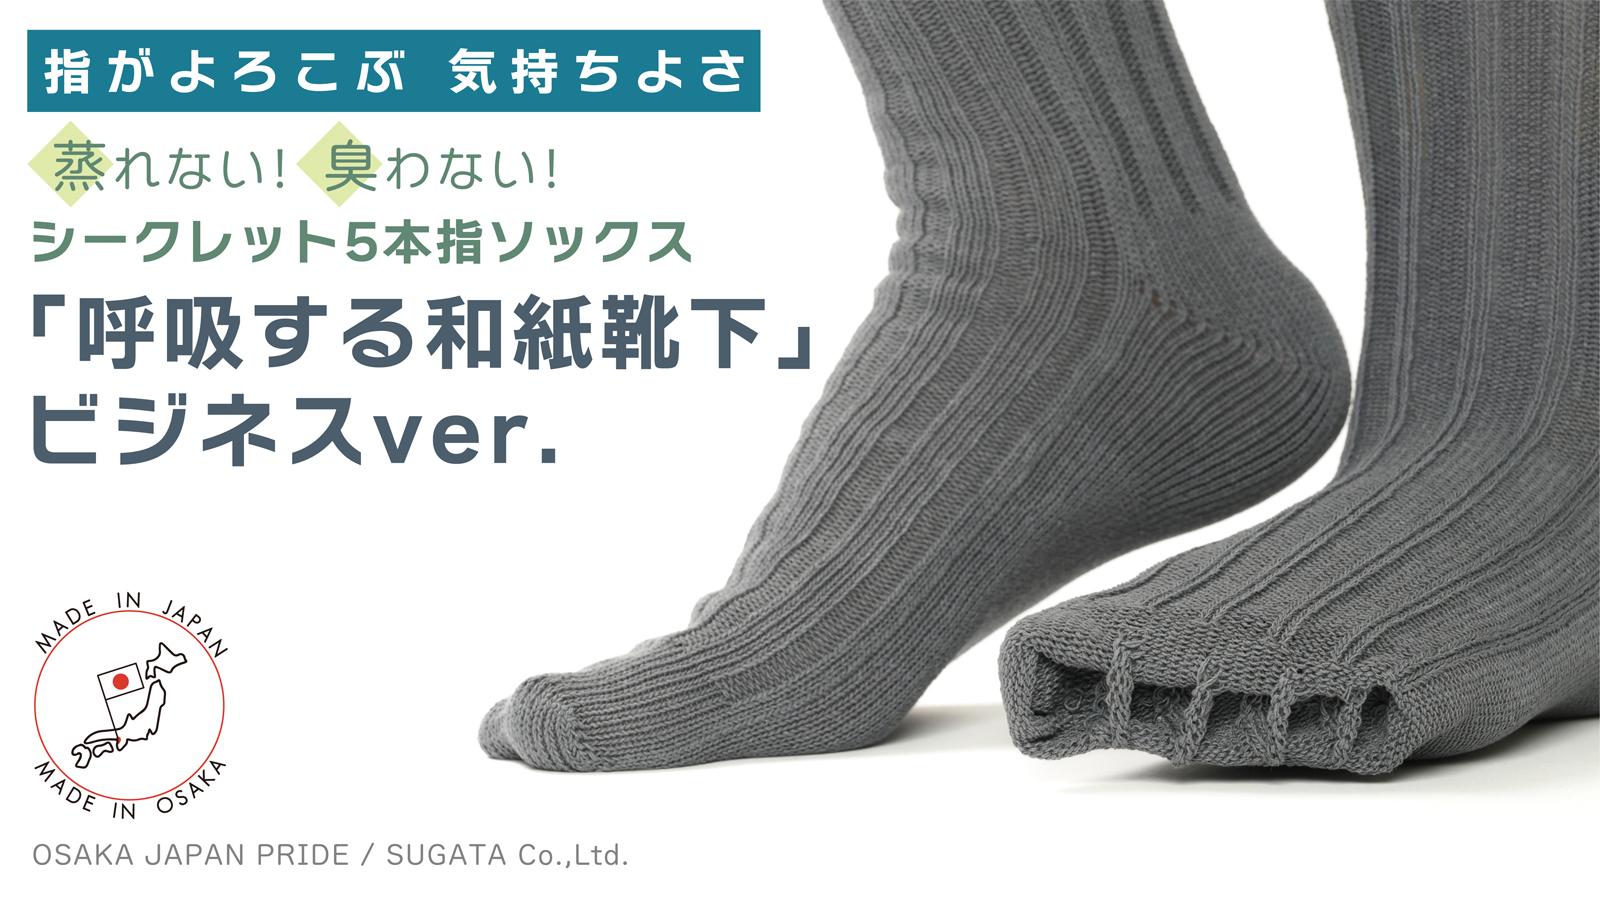 【新商品】蒸れない!臭わない!超快適!「呼吸する和紙靴下」ビジネスver. が登場!